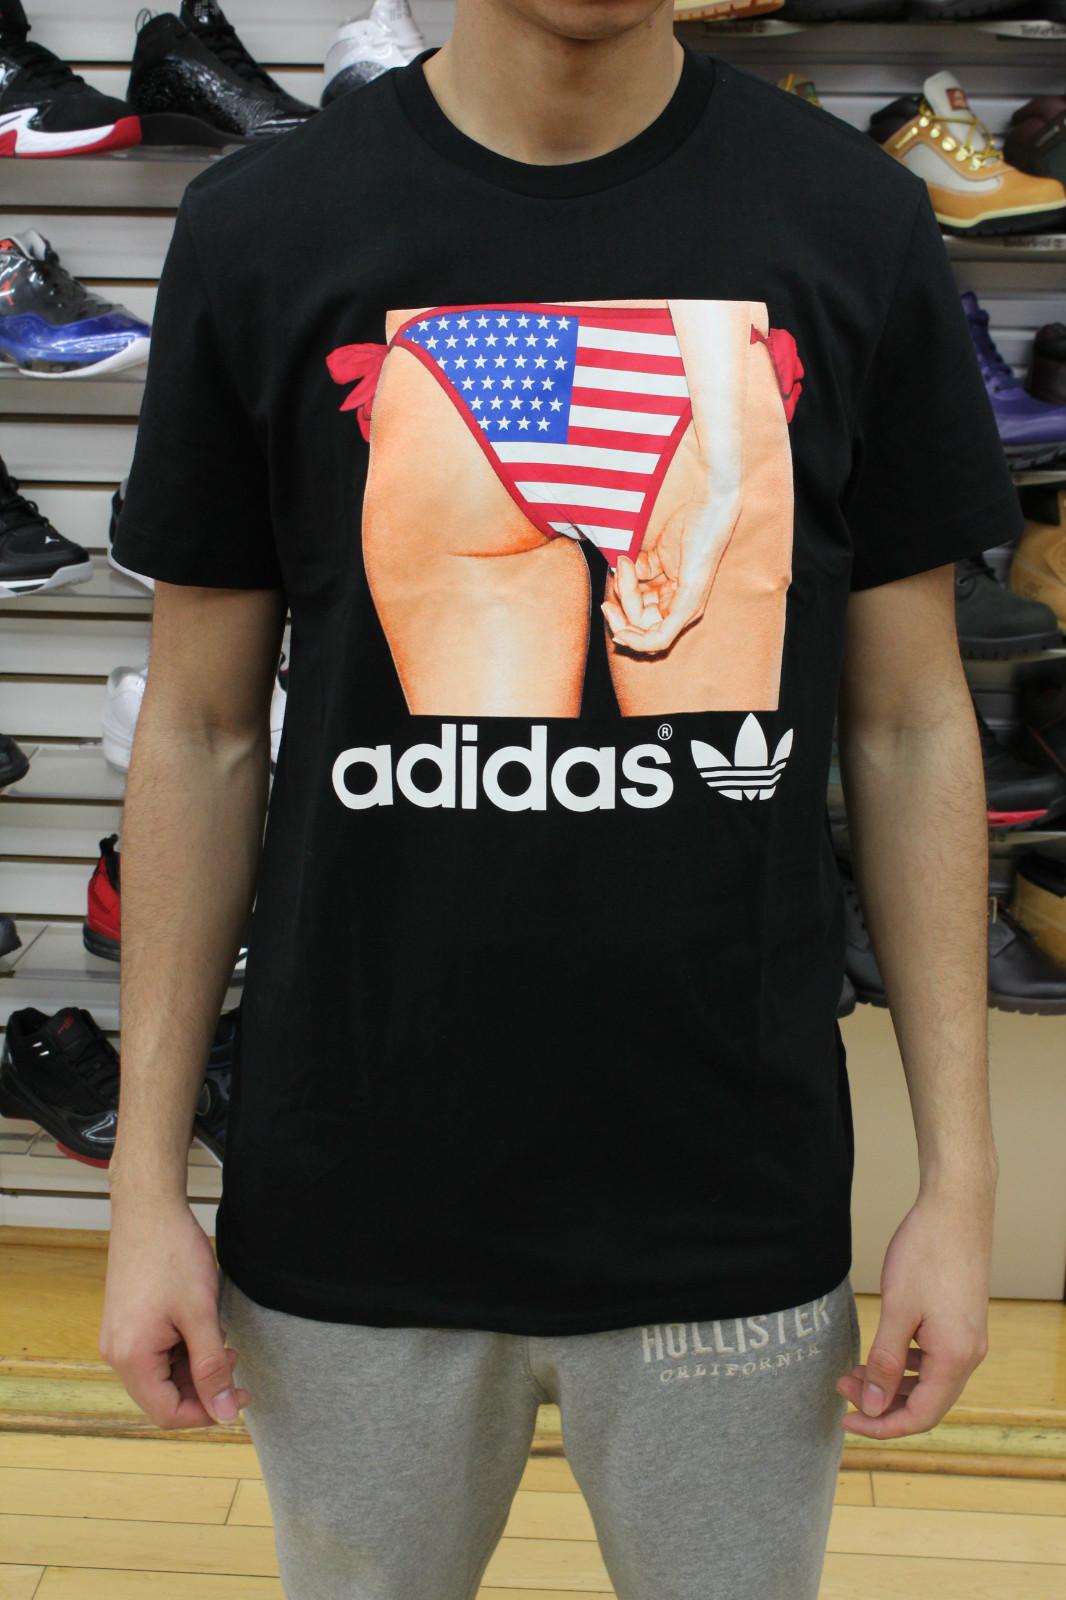 adidas-usa-bikini-shirt